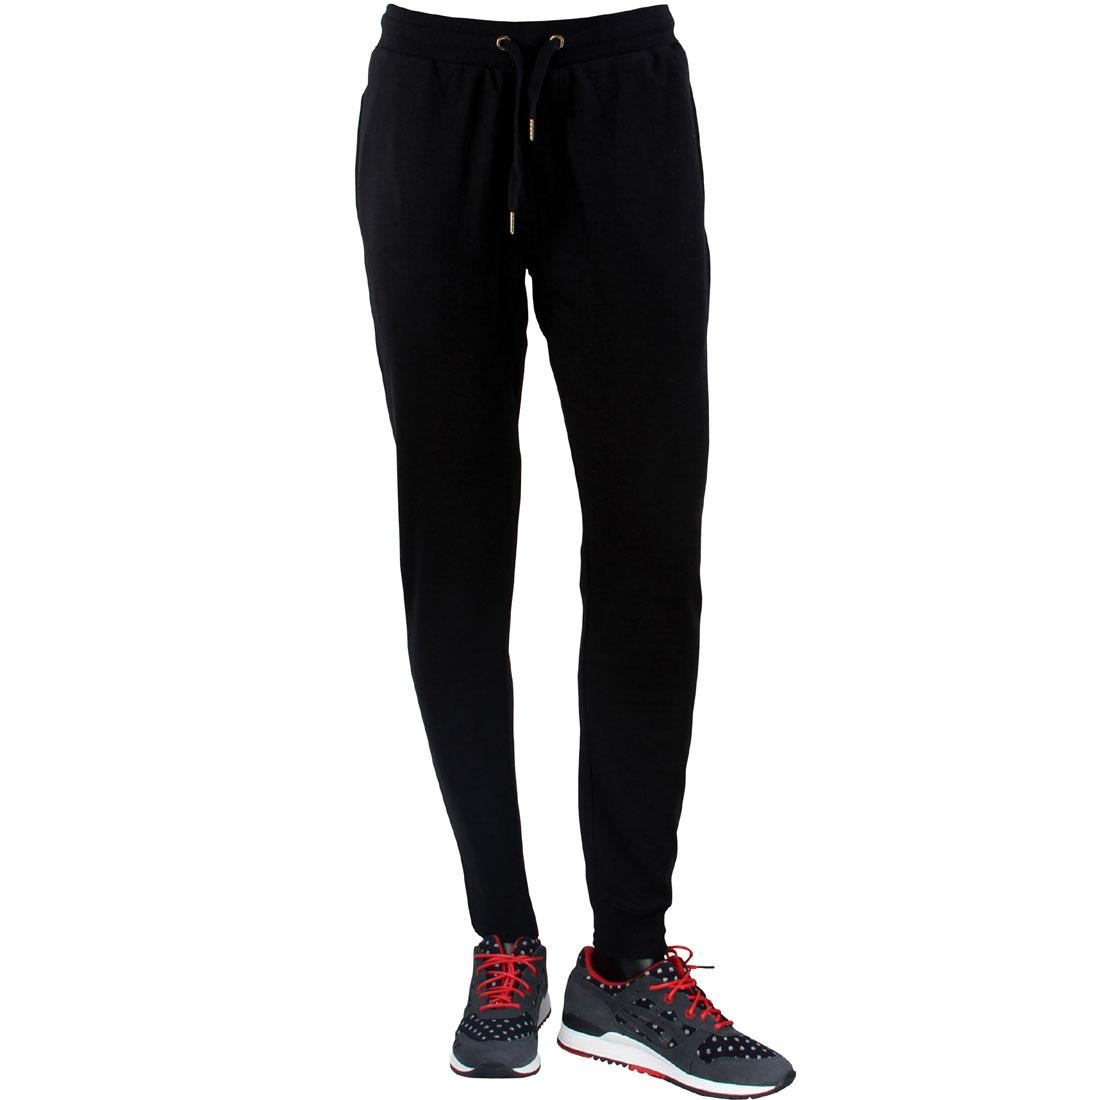 Barney Cools Men Weekend Pants (black)